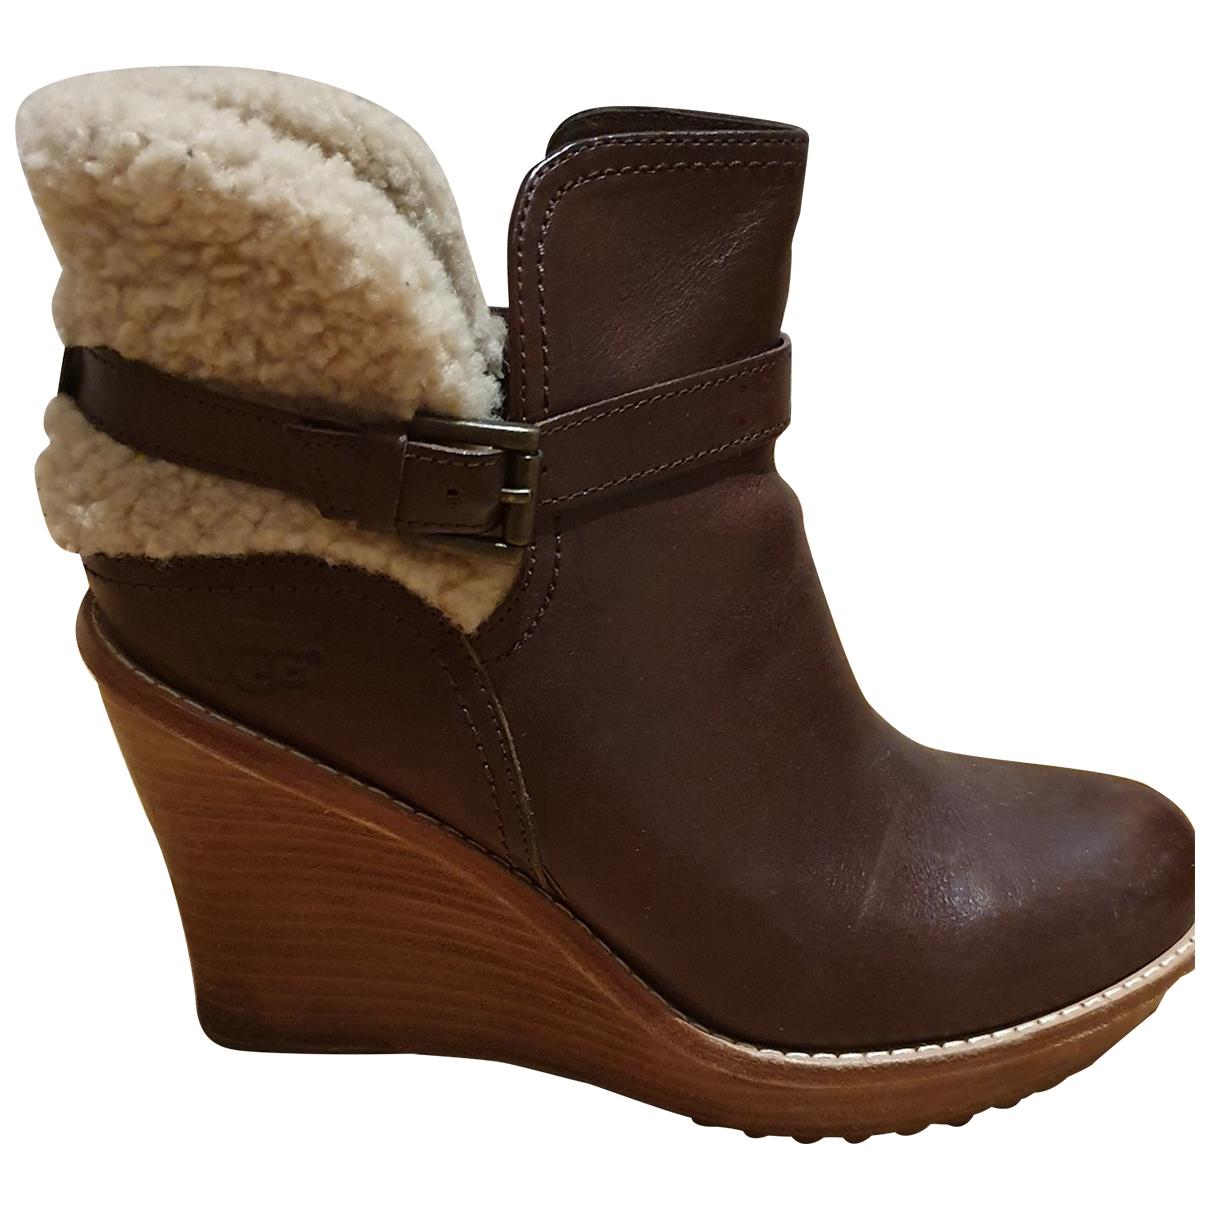 Ugg - Boots   pour femme en cuir - marron